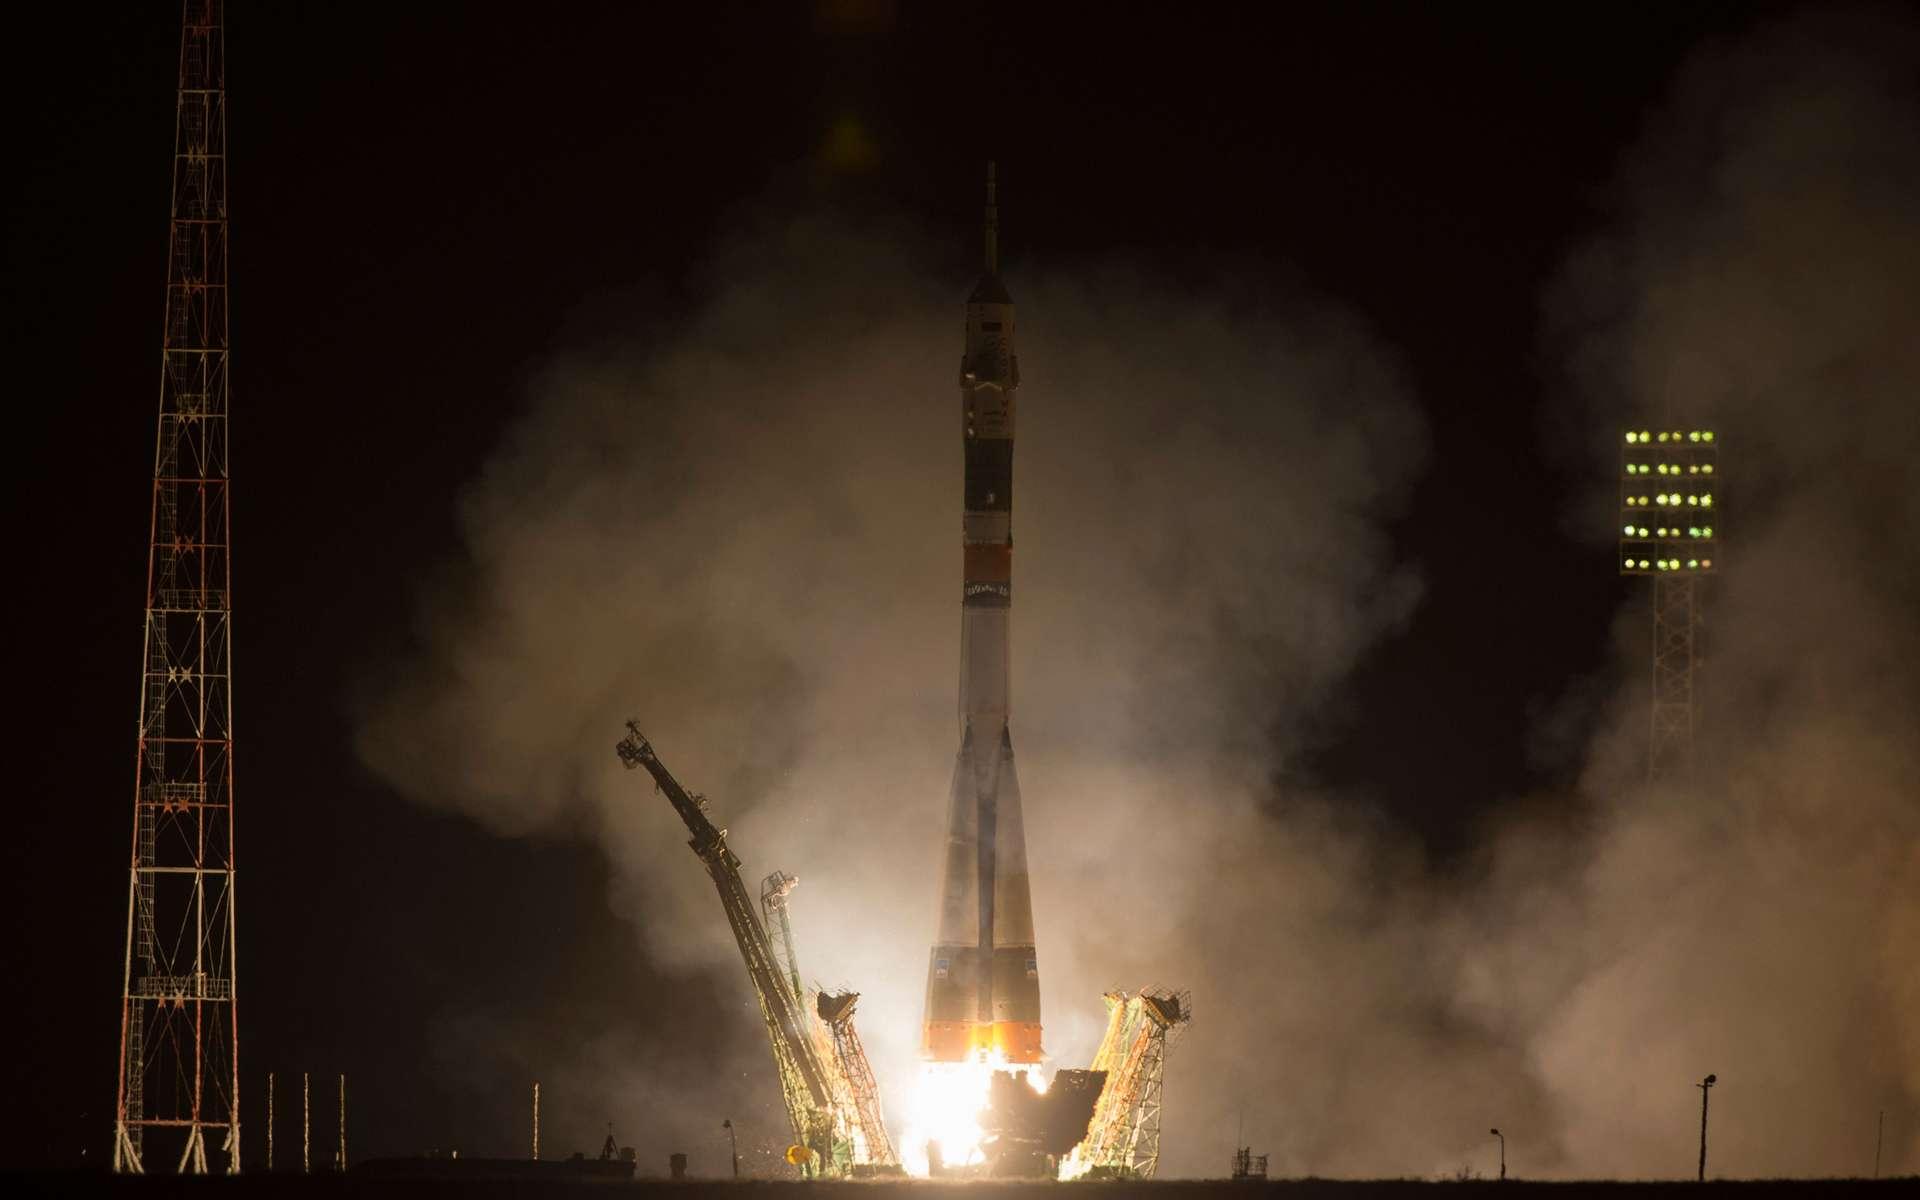 Décollage de nuit pour les trois astronautes de l'Expedition 35 à bord de la capsule Soyouz TMA-8M. Le prix du ticket pour l'ISS a sensiblement augmenté depuis la mise à la retraite de la navette spatiale américaine. © Carla Cioffi, Nasa